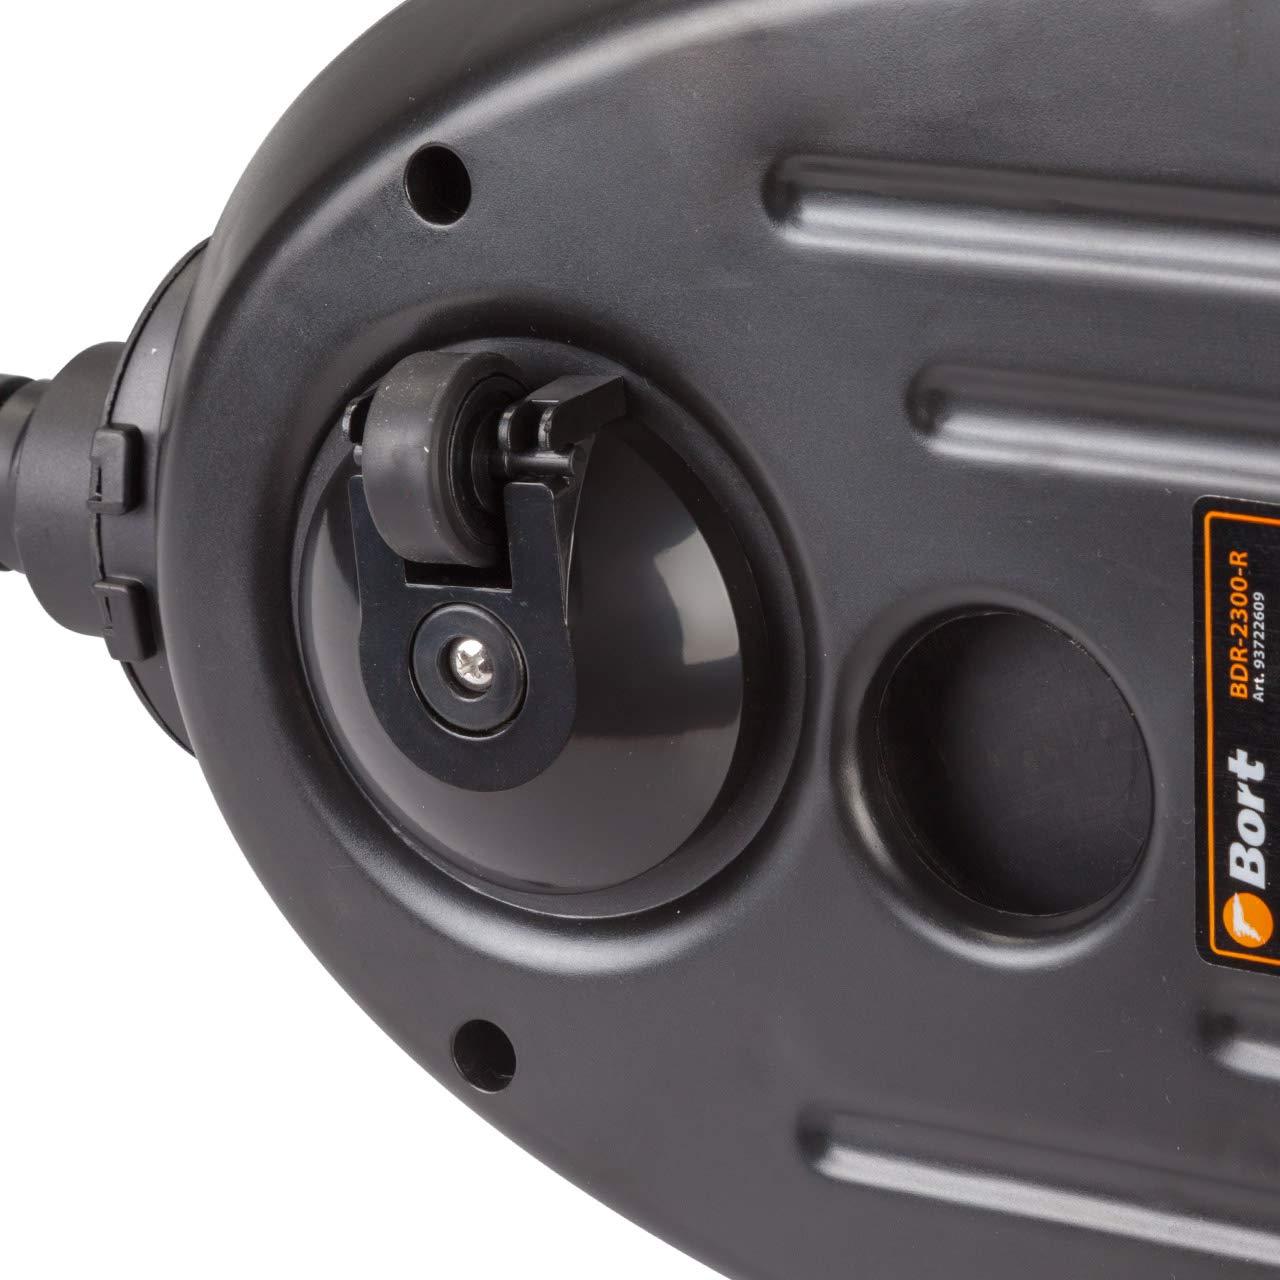 Fliesen f/ür Bad 30min kontinuierliche Nutzung 1,5l Wassertank Bort Dampfreiniger BDR-2300-R mit 14 Zubeh/örteilen Boden 2100 W Teppich Autositze 1,5m Schlauch